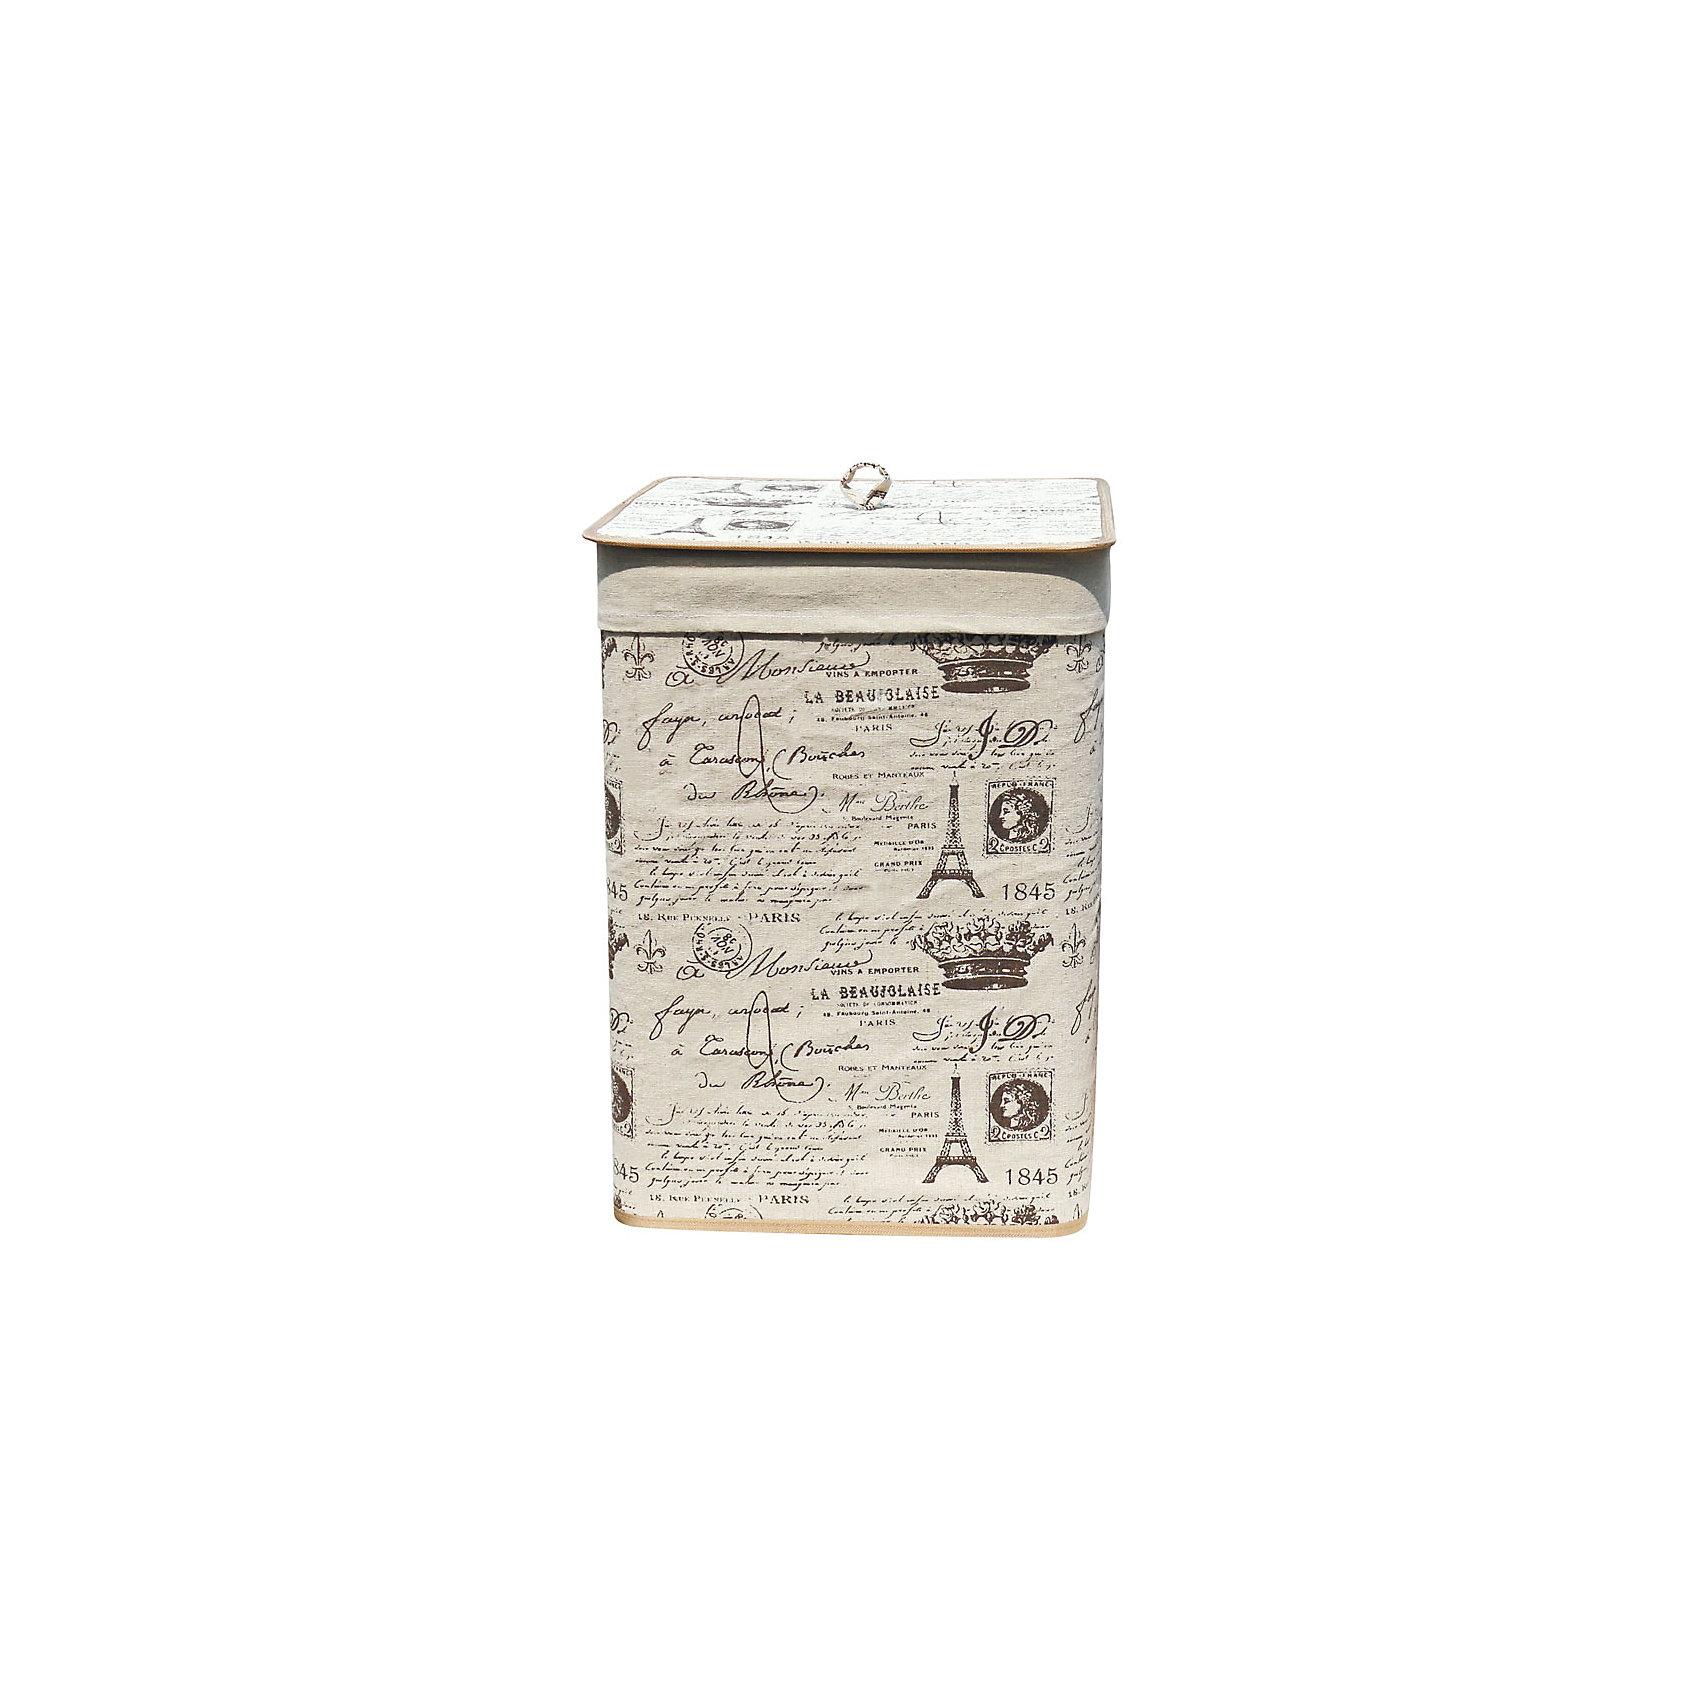 Корзина для белья складная с крышкой, BLB-08-S,  35*35*50см, Рыжий КотВанная комната<br>Льняная корзина с крышкой обработана антисептиком, используется для хранения белья. Корзина имеет квадратную форму. Складывается для компактного хранения. Корзина для белья декорирована покрытием из натурального льна, окрашена. <br><br>Дополнительная информация:<br><br>Размер корзины: 35х35х50 см<br>Объем: 61 л<br><br>Материал: бамбук (толщина 1,1 мм), лён, элементы из металла.<br>Упаковка: ПЭ пакет.<br><br>Корзину для белья складную с крышкой, BLB-08-S,  35*35*50см, Рыжий Кот можно купить в нашем интернет-магазине.<br><br>Ширина мм: 350<br>Глубина мм: 350<br>Высота мм: 500<br>Вес г: 1508<br>Возраст от месяцев: 6<br>Возраст до месяцев: 1080<br>Пол: Унисекс<br>Возраст: Детский<br>SKU: 4989836